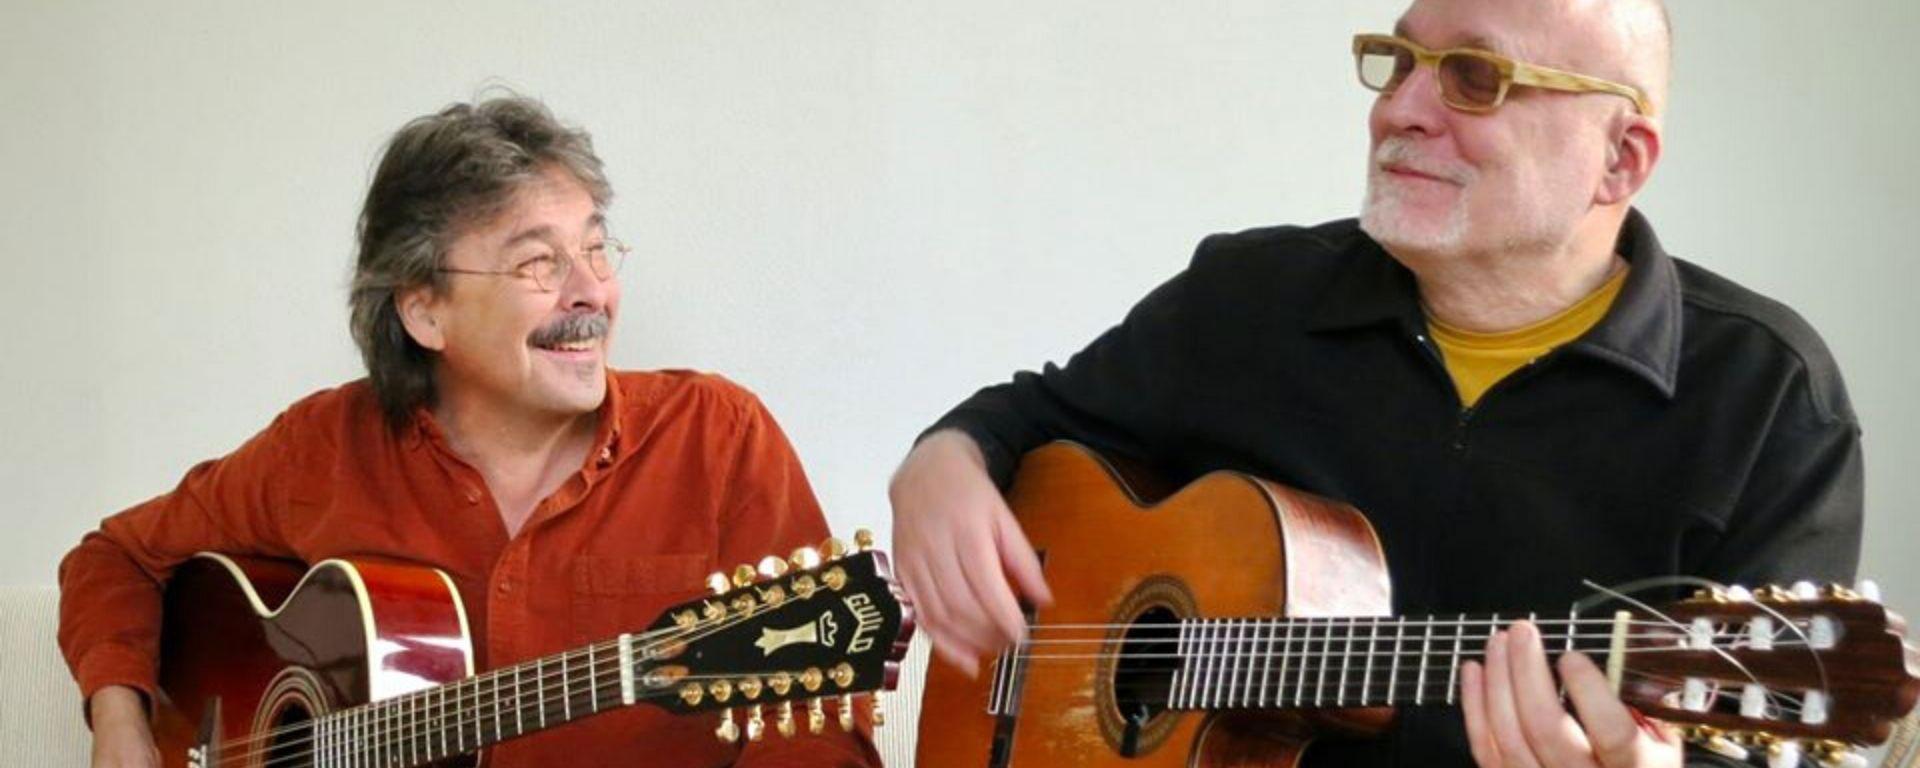 Linkki tapahtumaan Global Music Club: Nylund-Wallenius Duo